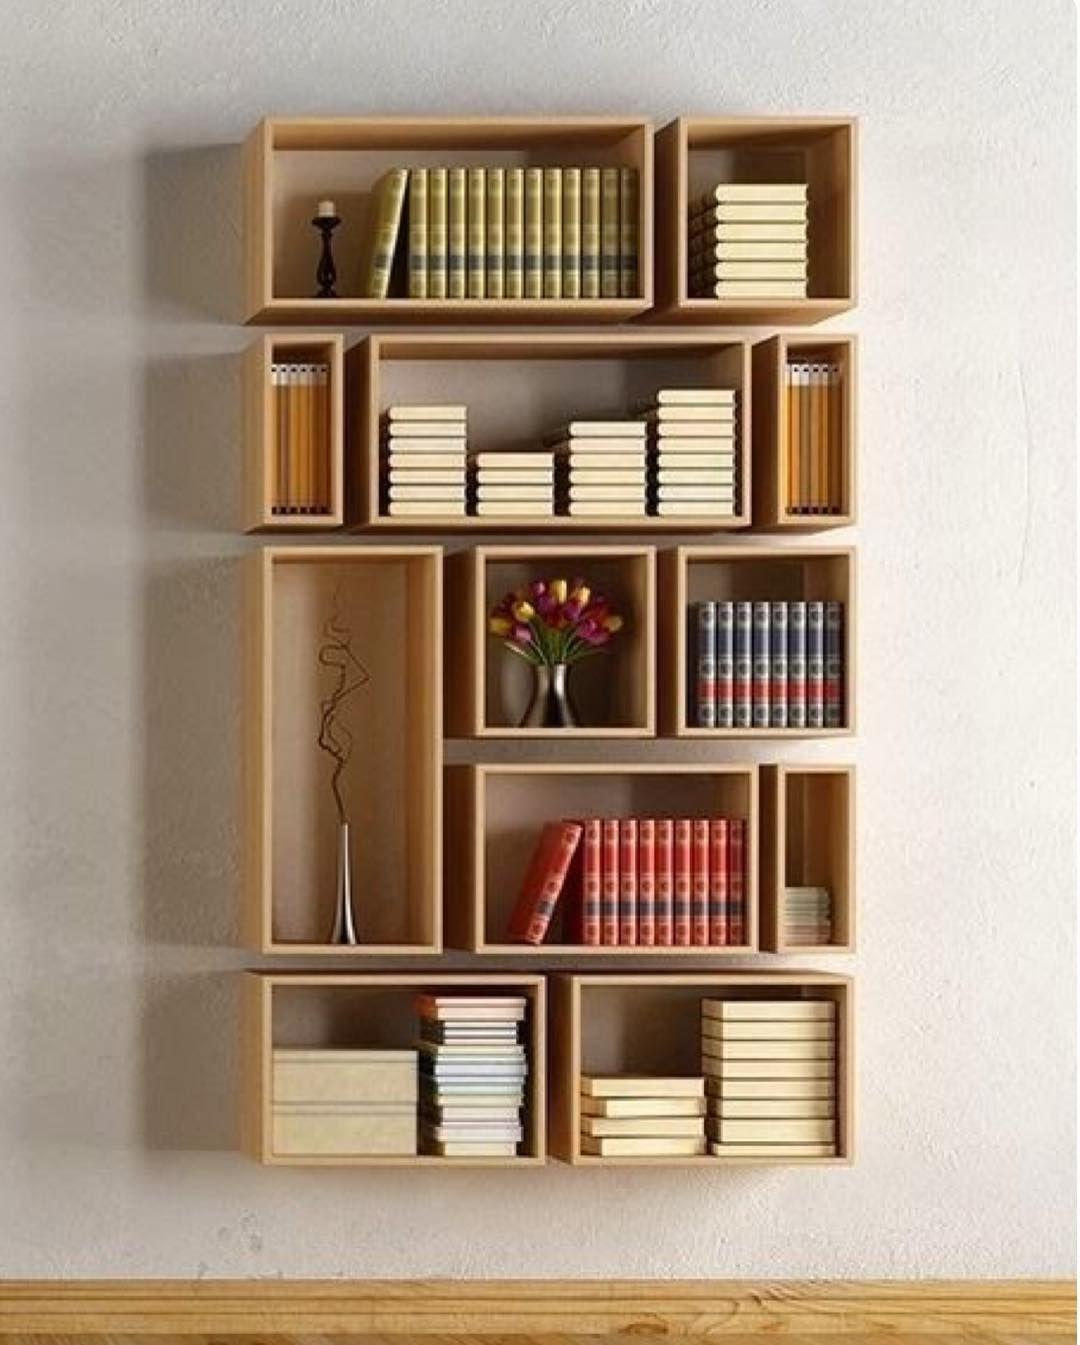 Floating Bookshelf Designed By Alphaville Bookshelves Diy